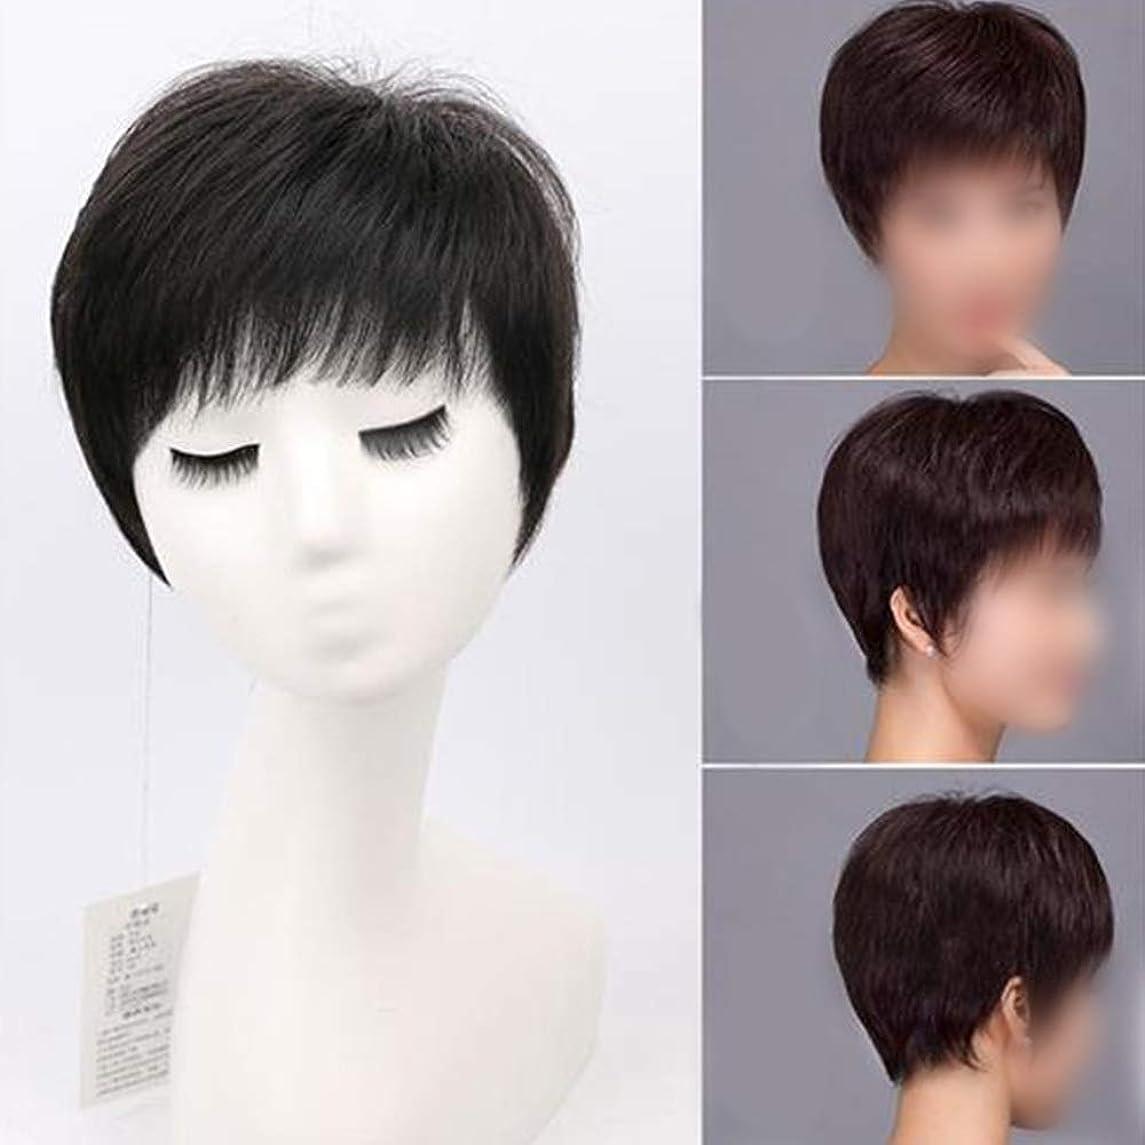 全体に兵器庫メジャーYESONEEP 女性のための空気前髪付きリアルヘアショートストレートヘアミドルとオールドウィッグナチュラルリアルなファッションウィッグ (Color : Natural black)